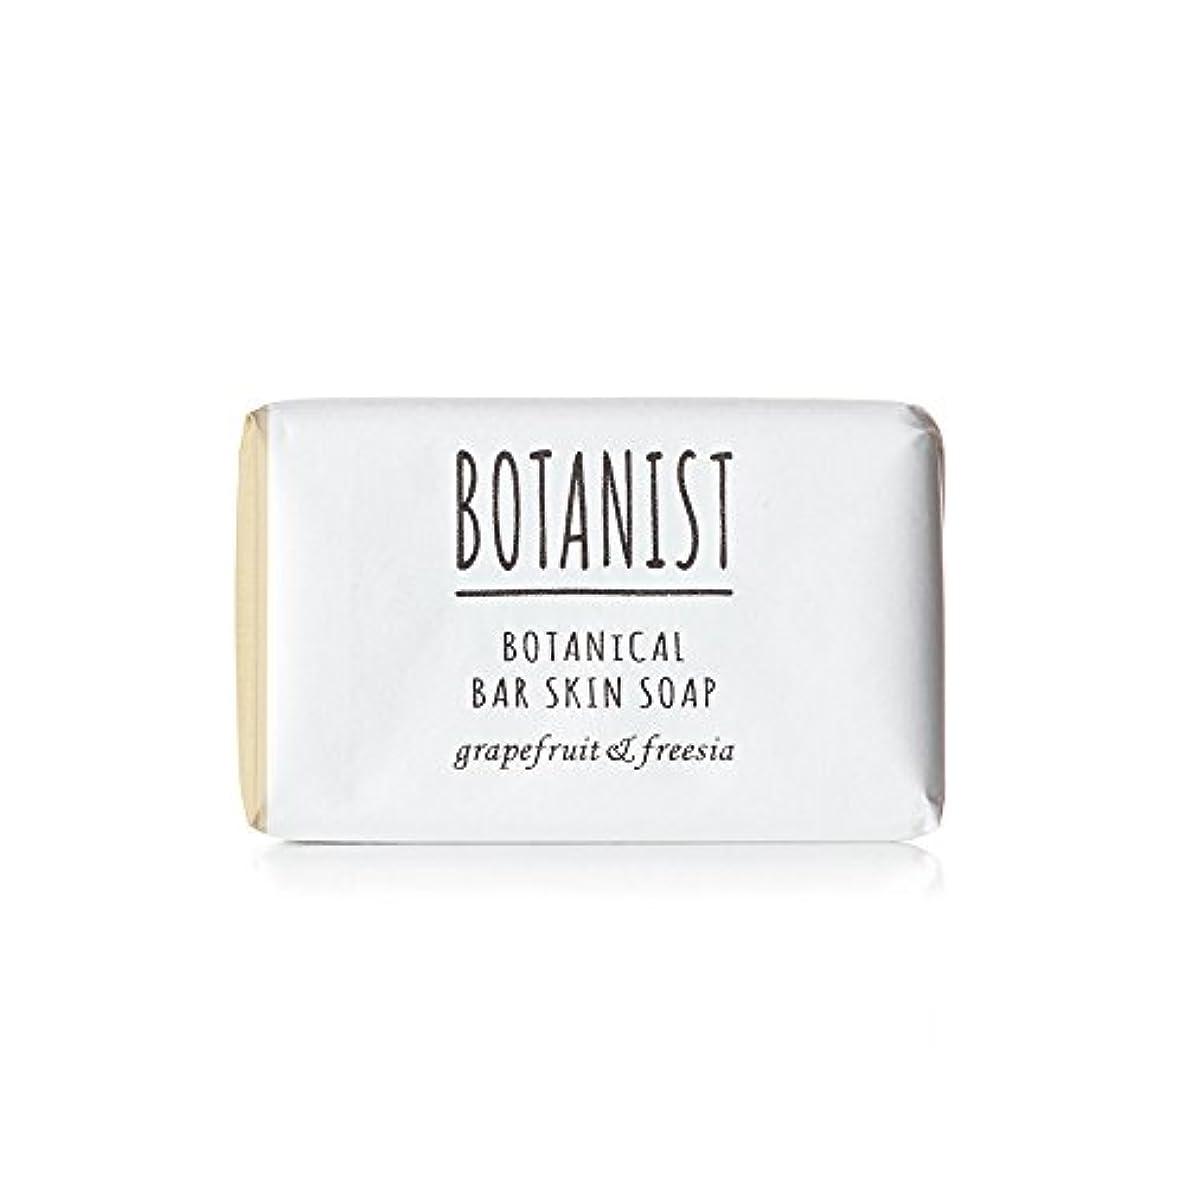 慣性ナチュラ貴重なBOTANIST ボタニスト ボタニカル バースキンソープ 100g グレープフルーツ&フリージア